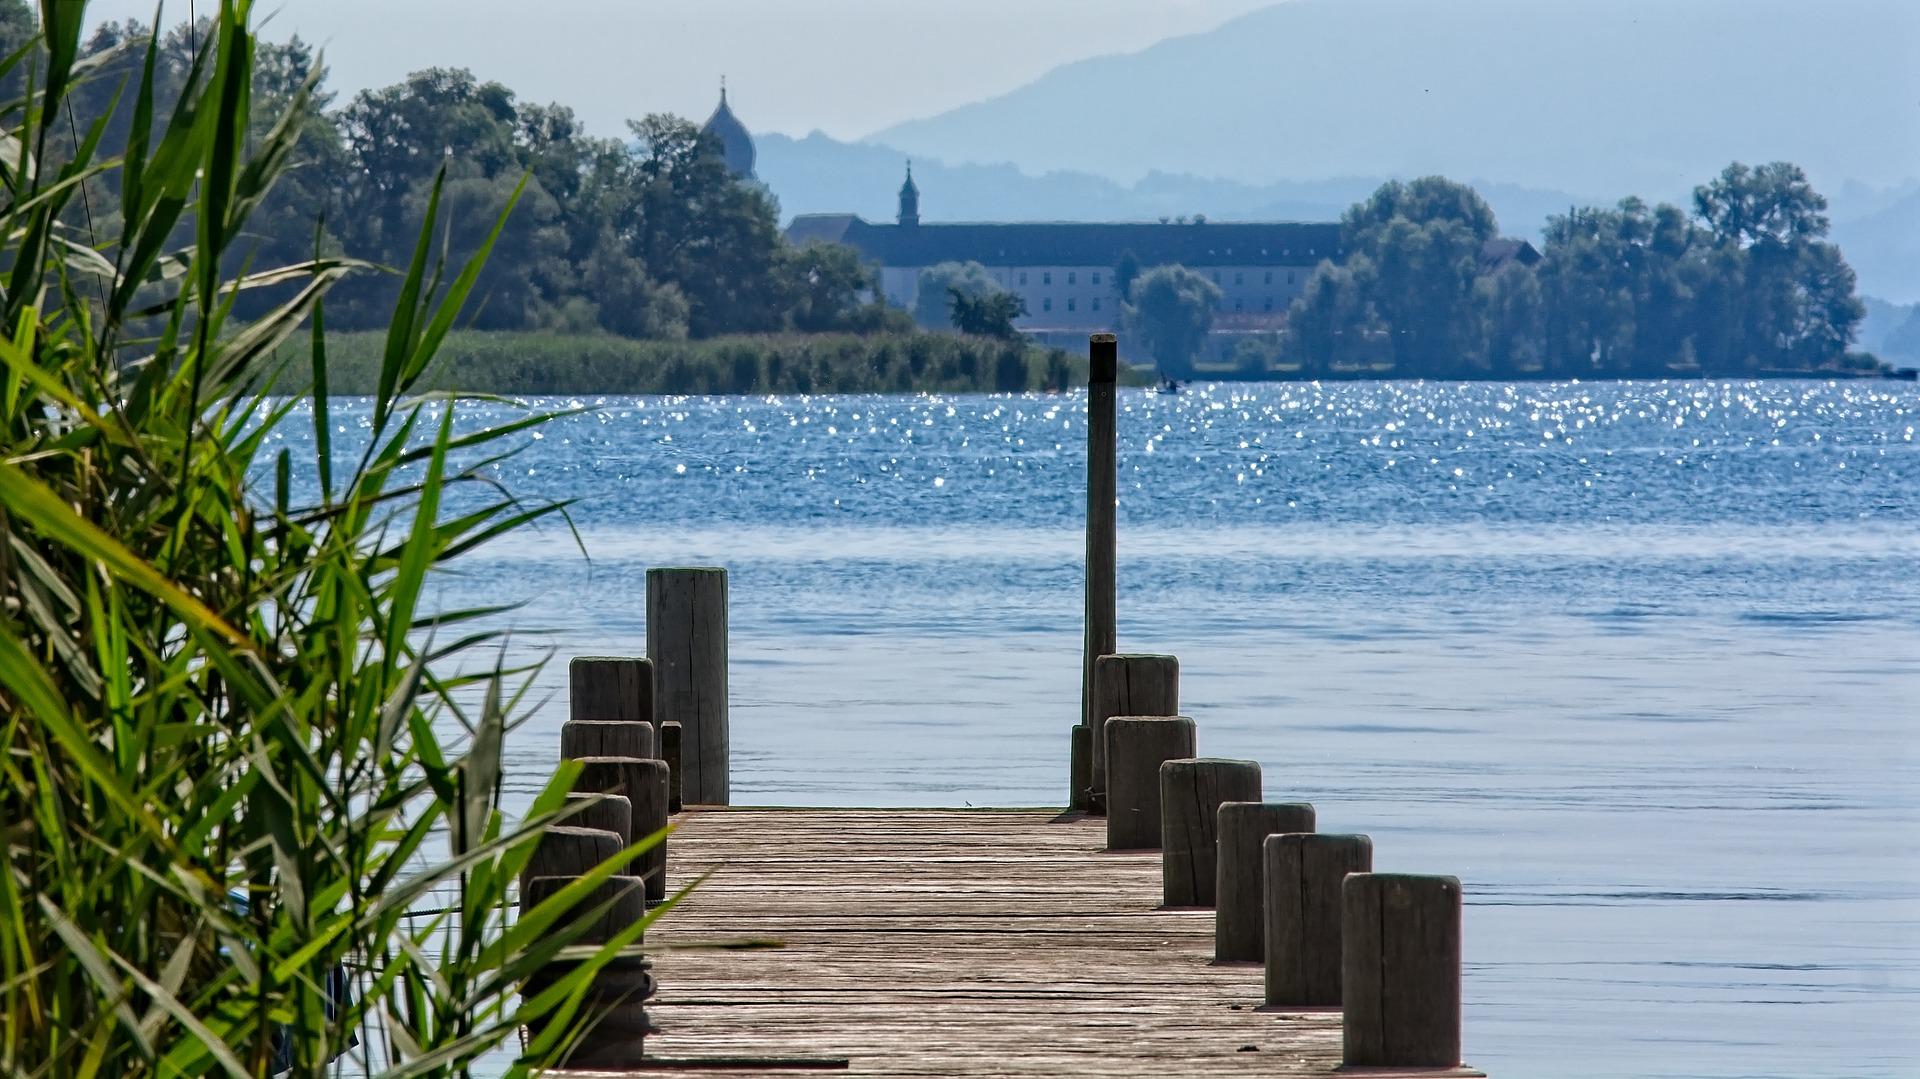 Wir fordern den ungehinderten Zugang zu Bayerns Seen (Landtagswahl 2018)